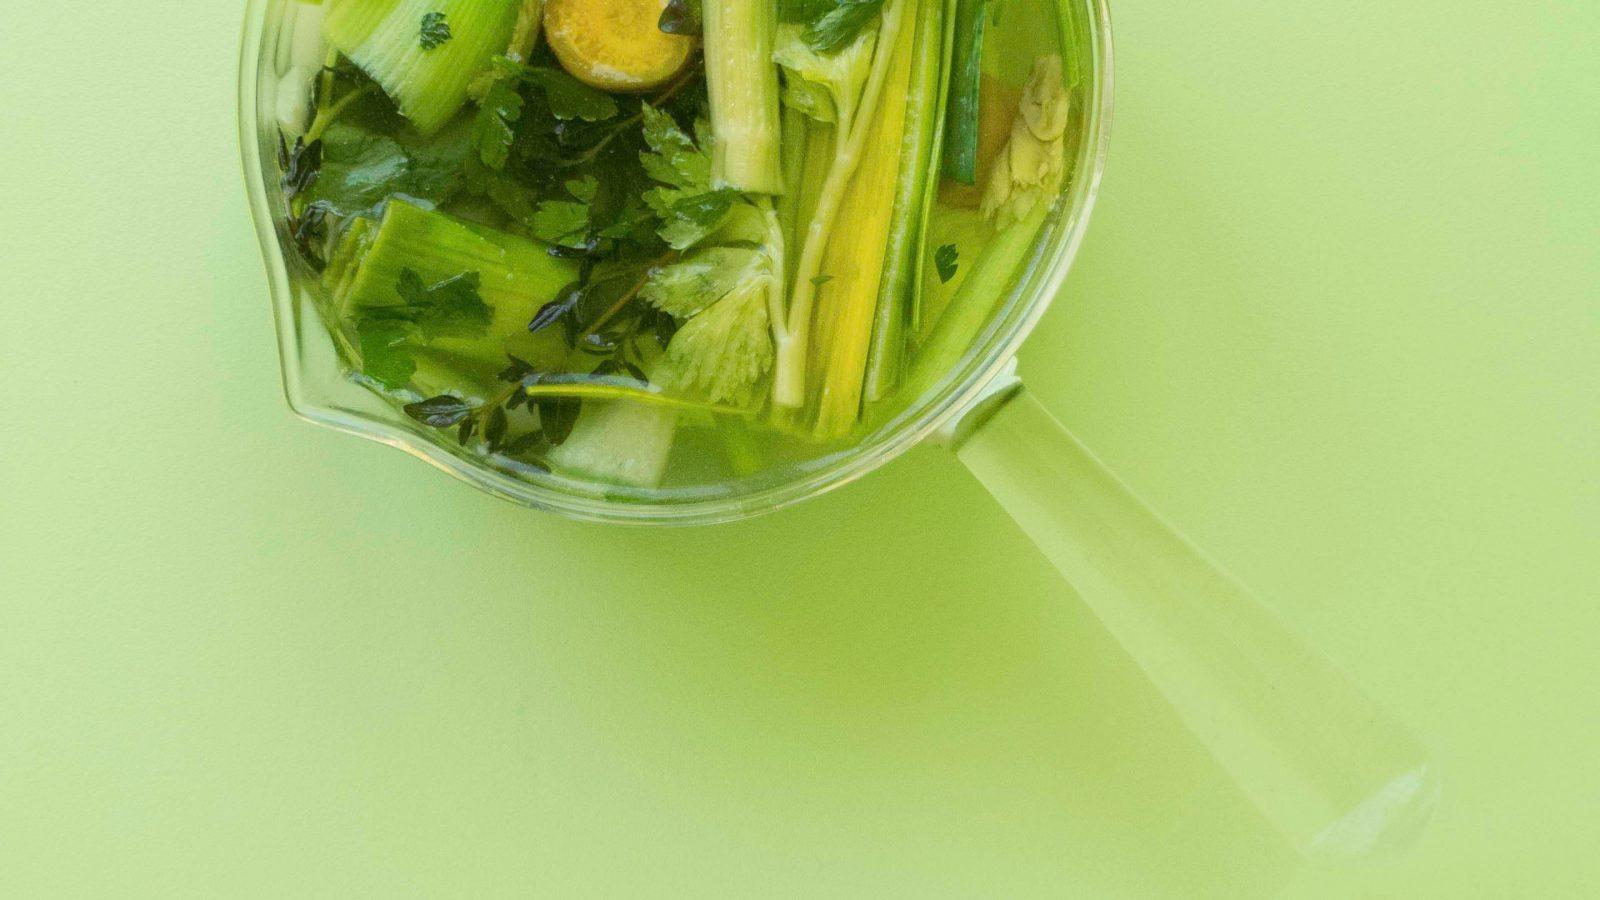 Bild zeigt einen Topf mit Gemüsebrühe in einem grünen Farbspektrum